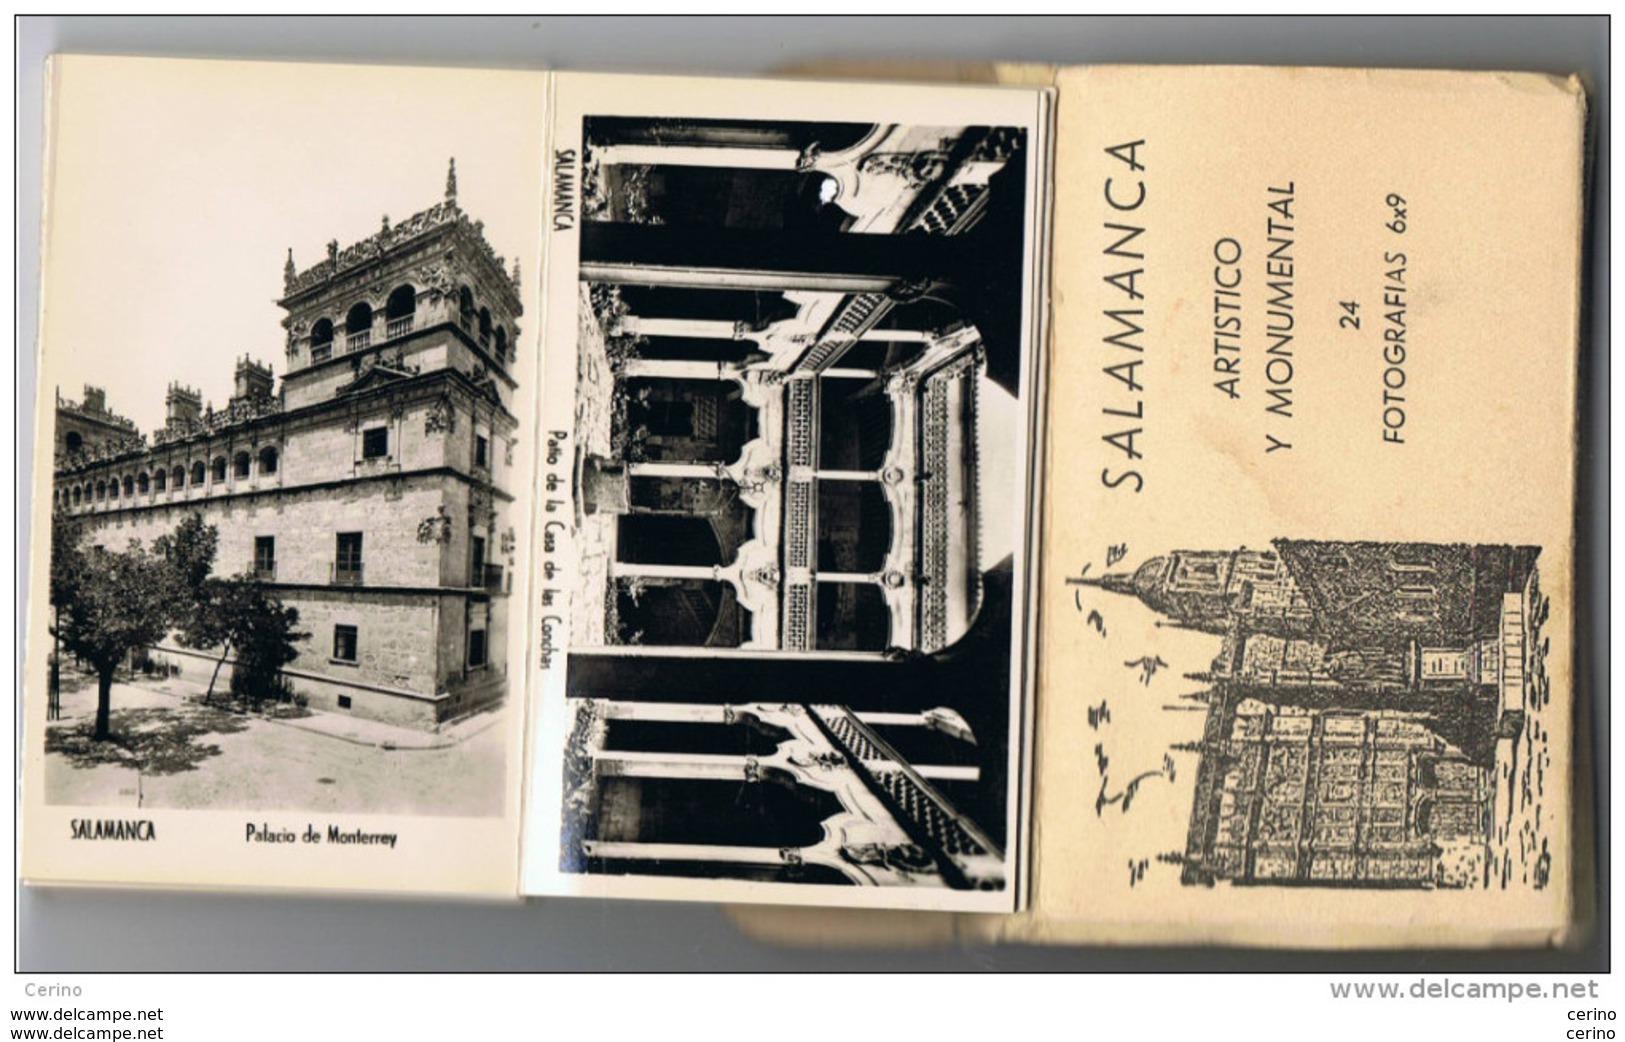 SALAMANCA:  CARNET  DE  24  FOTOGRAFIAS  Cm. 6x9  -  ARTISTICO  Y  MONUMENTAL - Fotografía